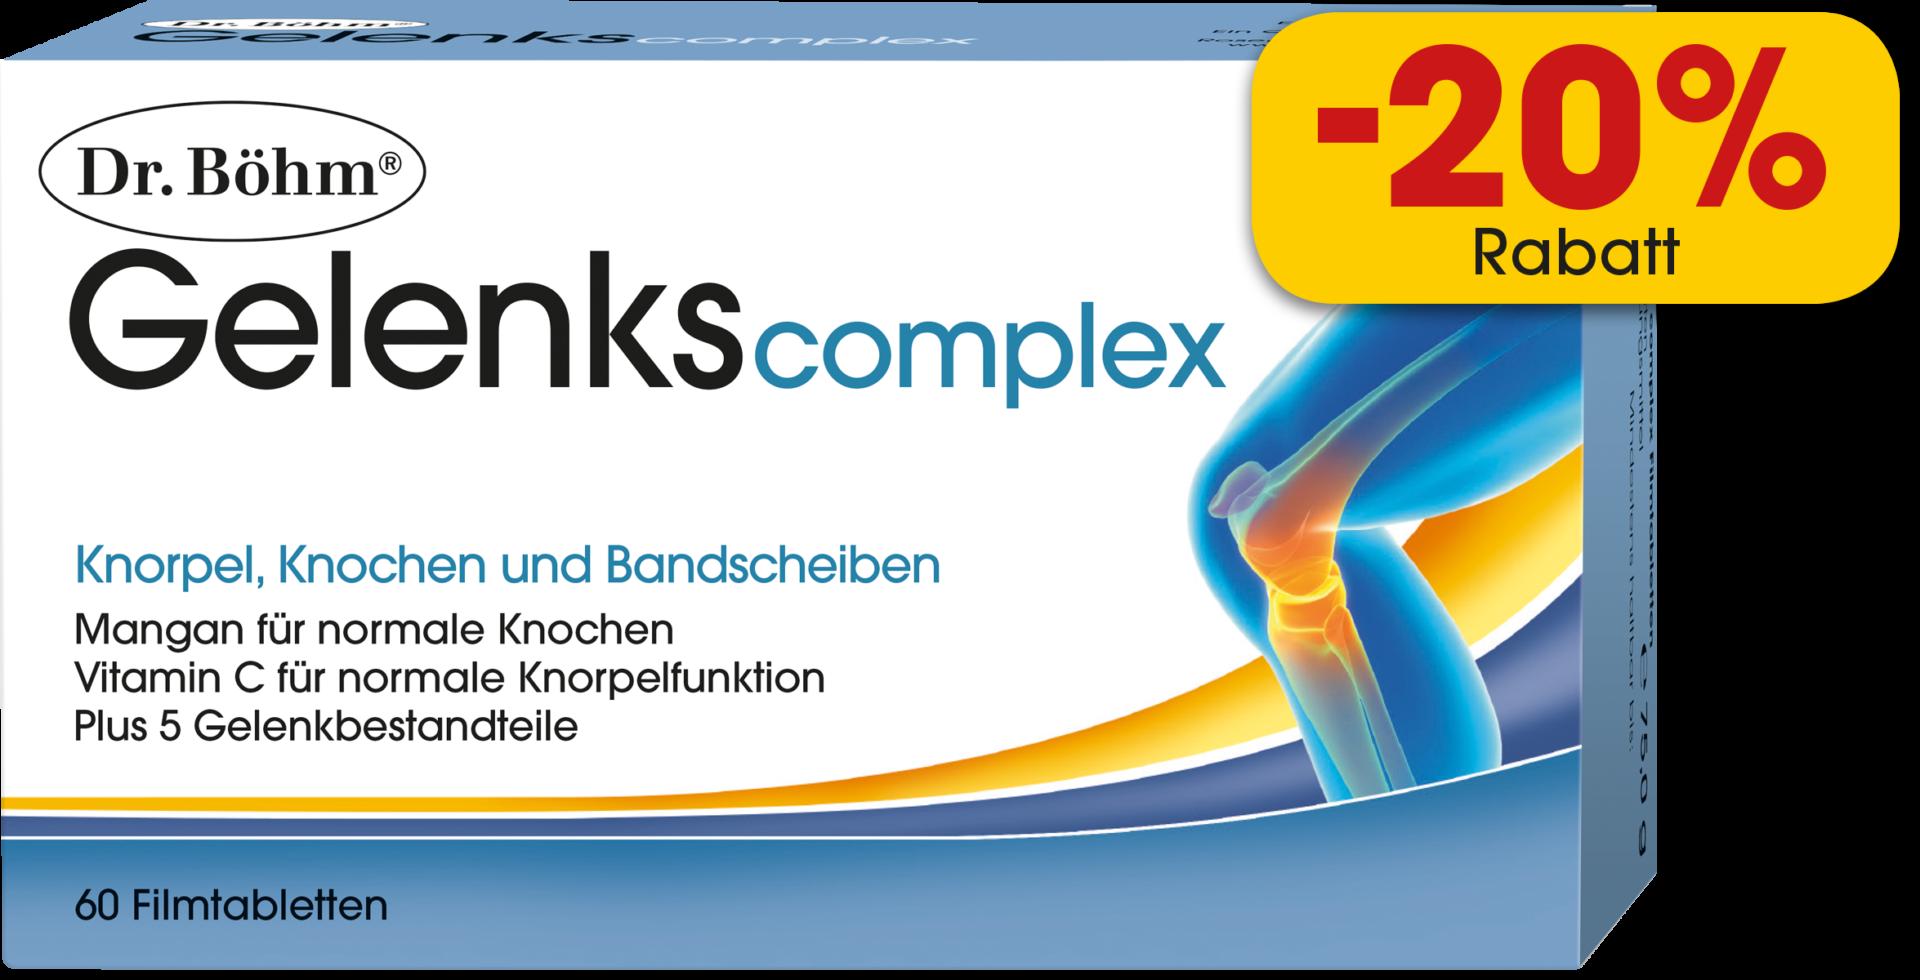 Dr. Böhm® Gelenks complex Filmtabletten